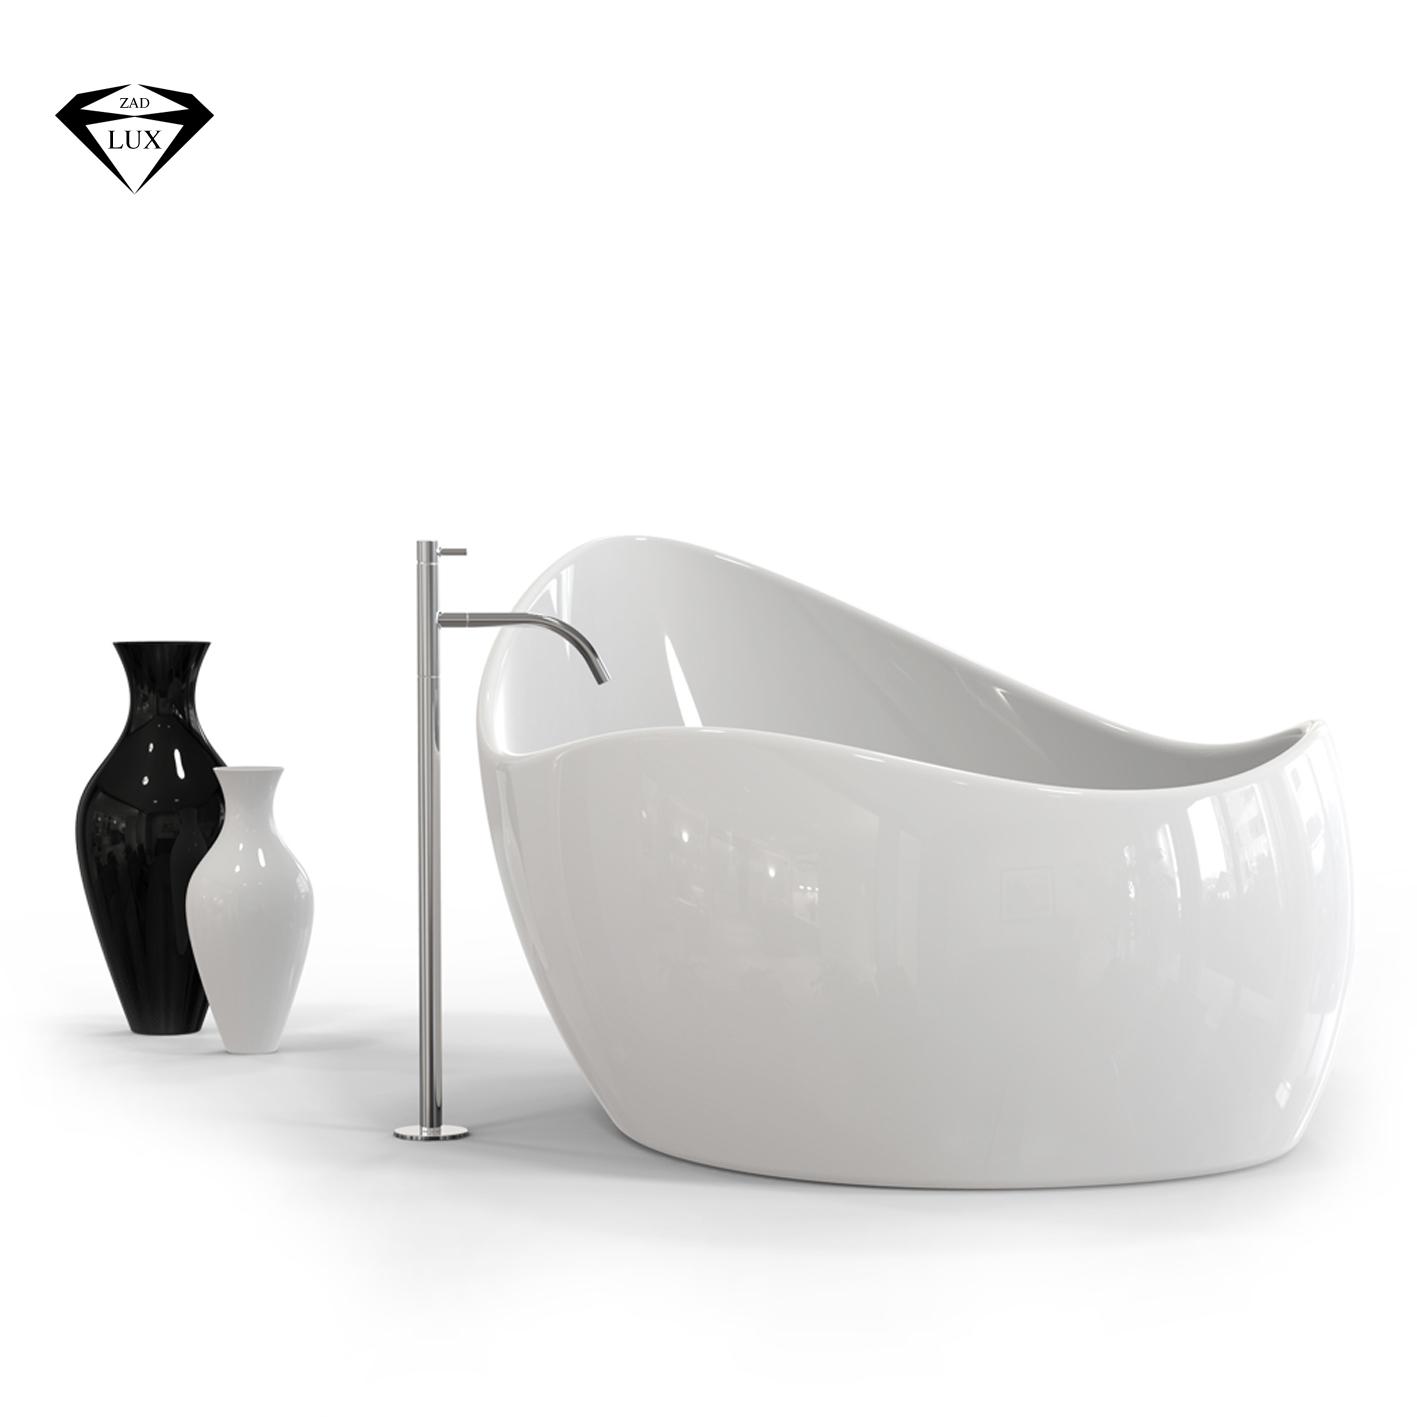 Finger food lavandini e vasche zad zone of absolute - Prodotti per vasca da bagno ...